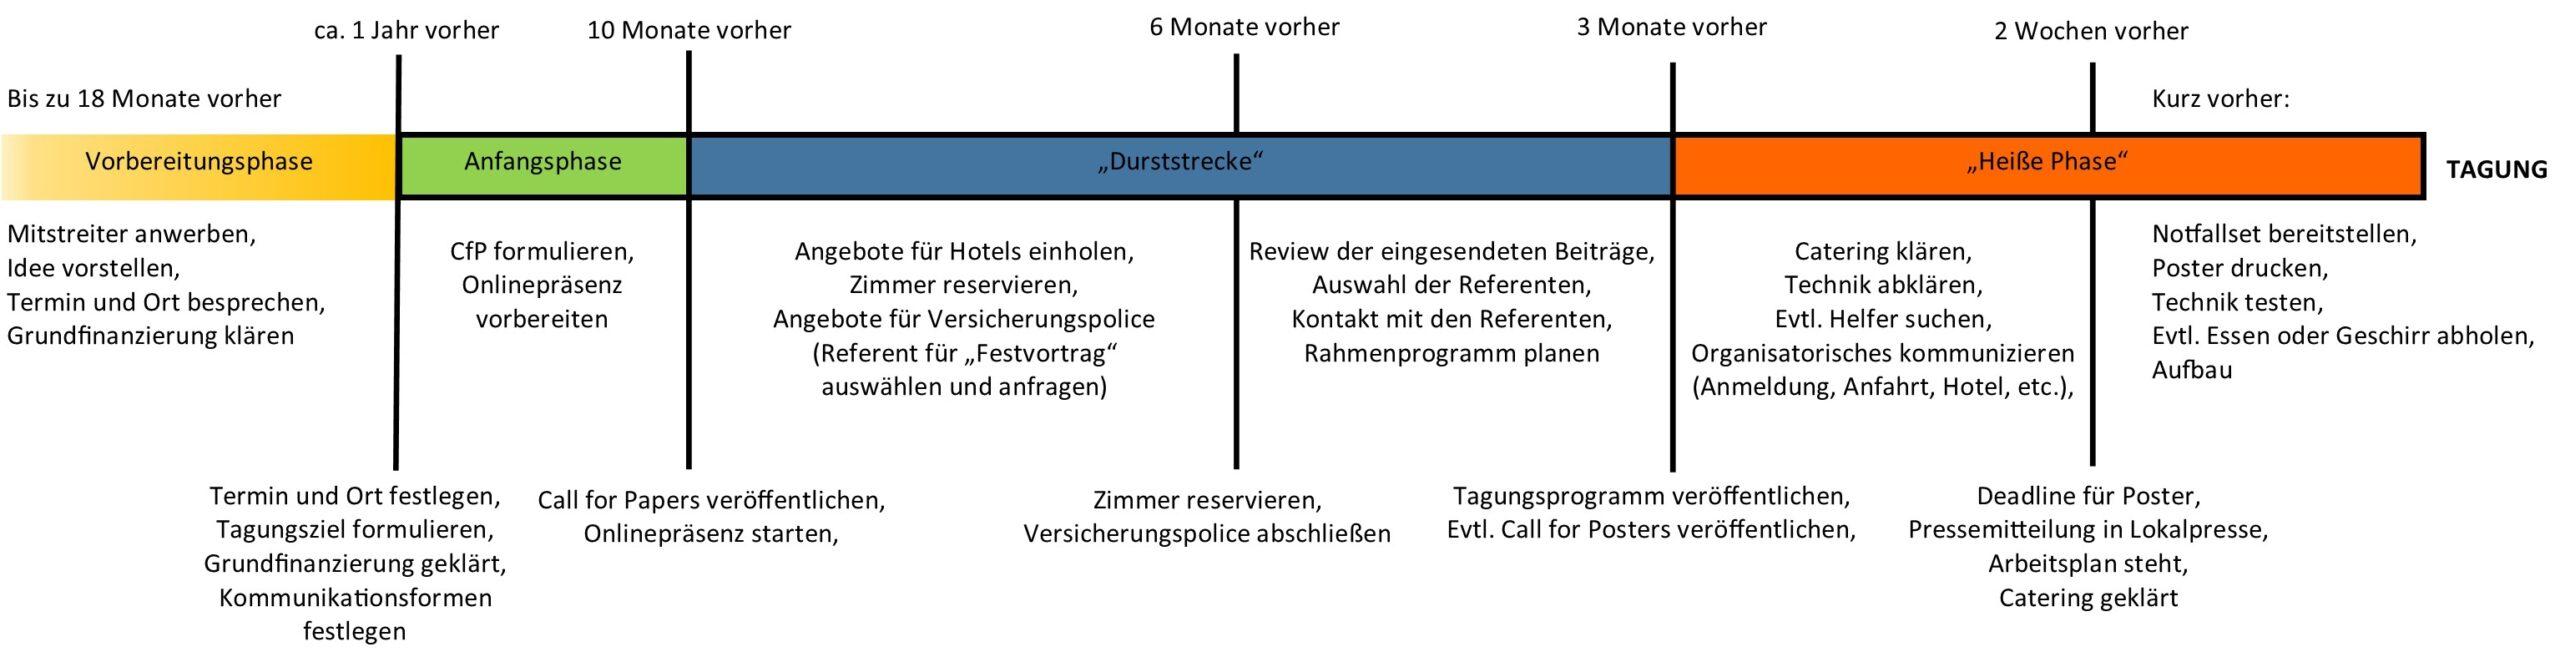 Timeline Tahungsorganisation